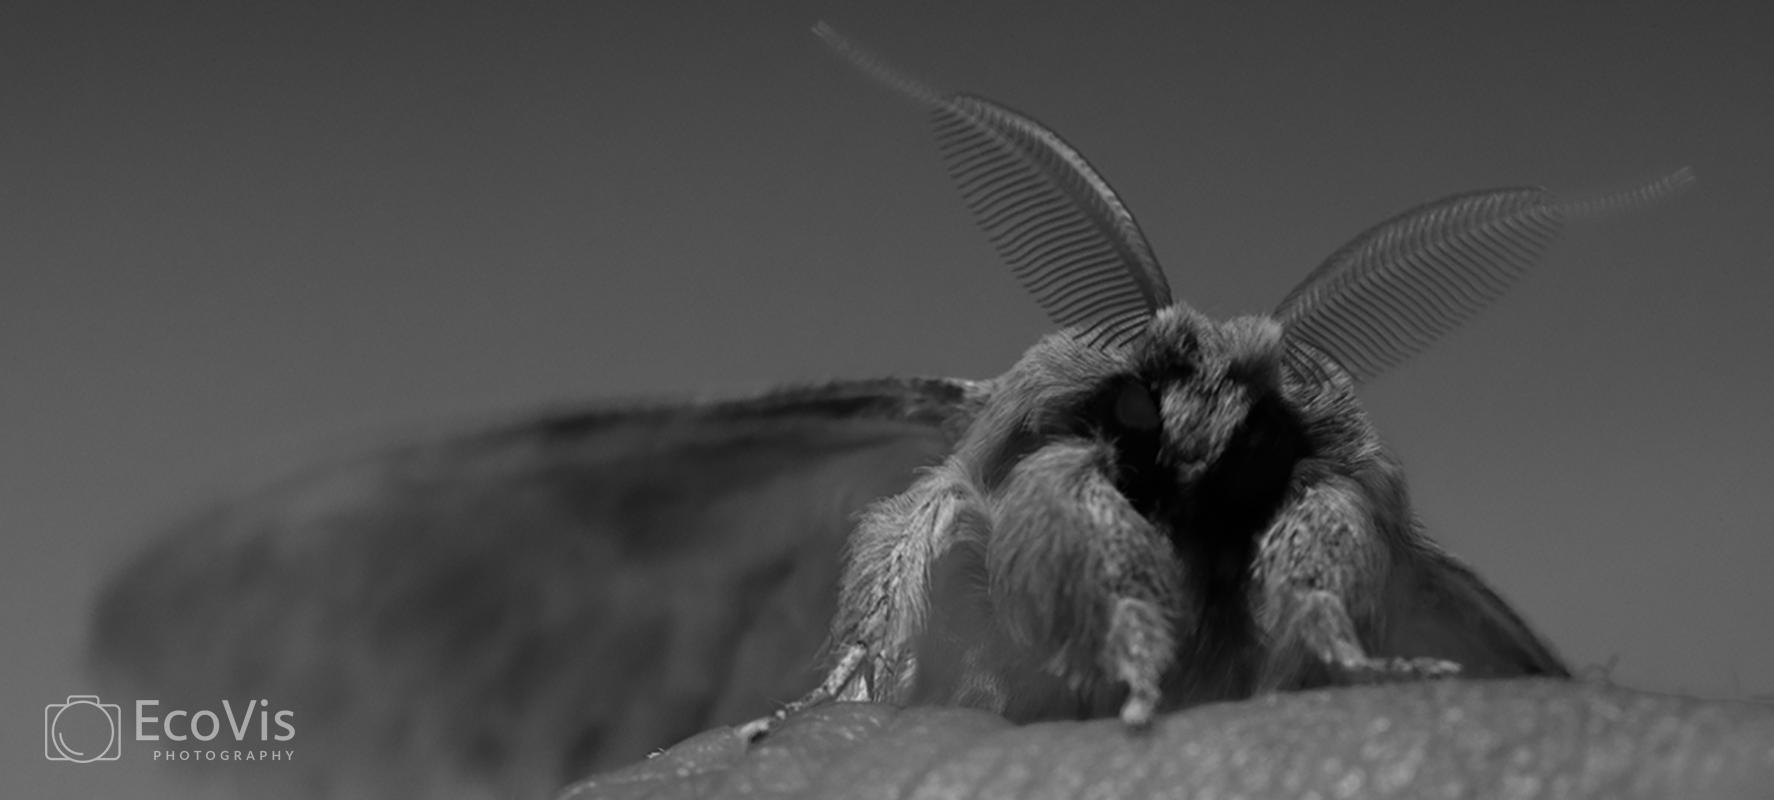 moths0193water.jpg